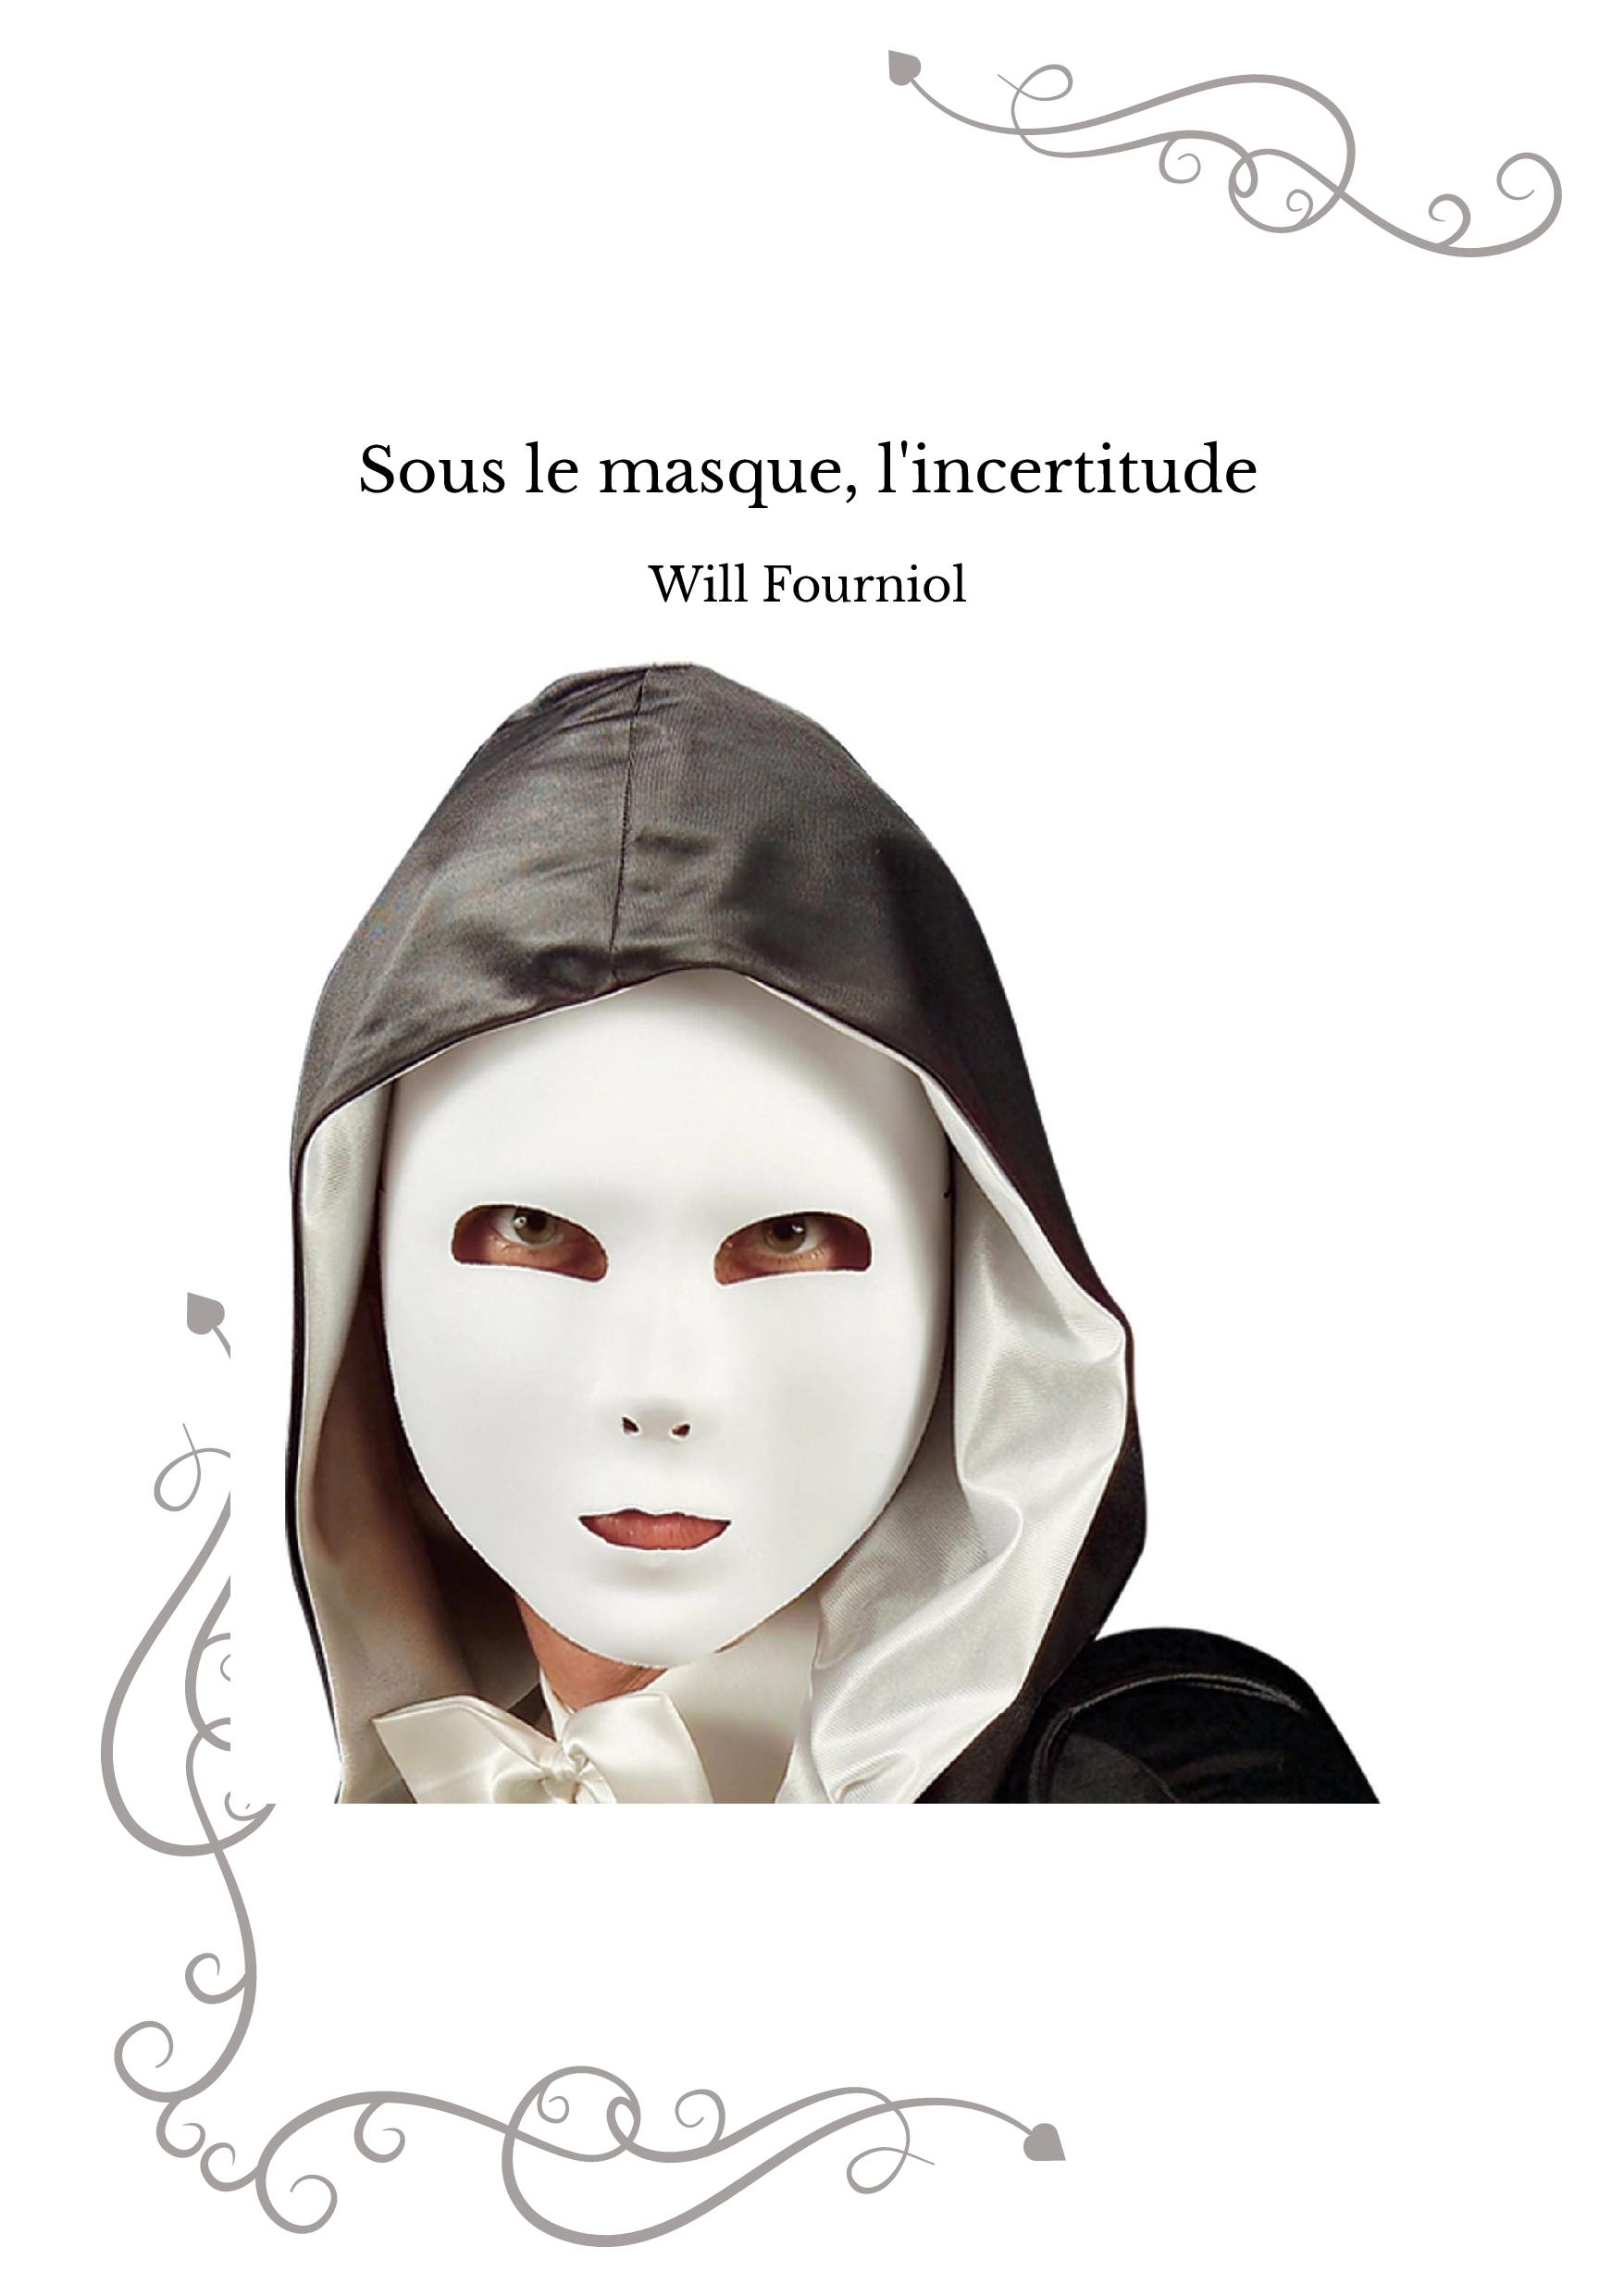 Sous le masque, l'incertitude